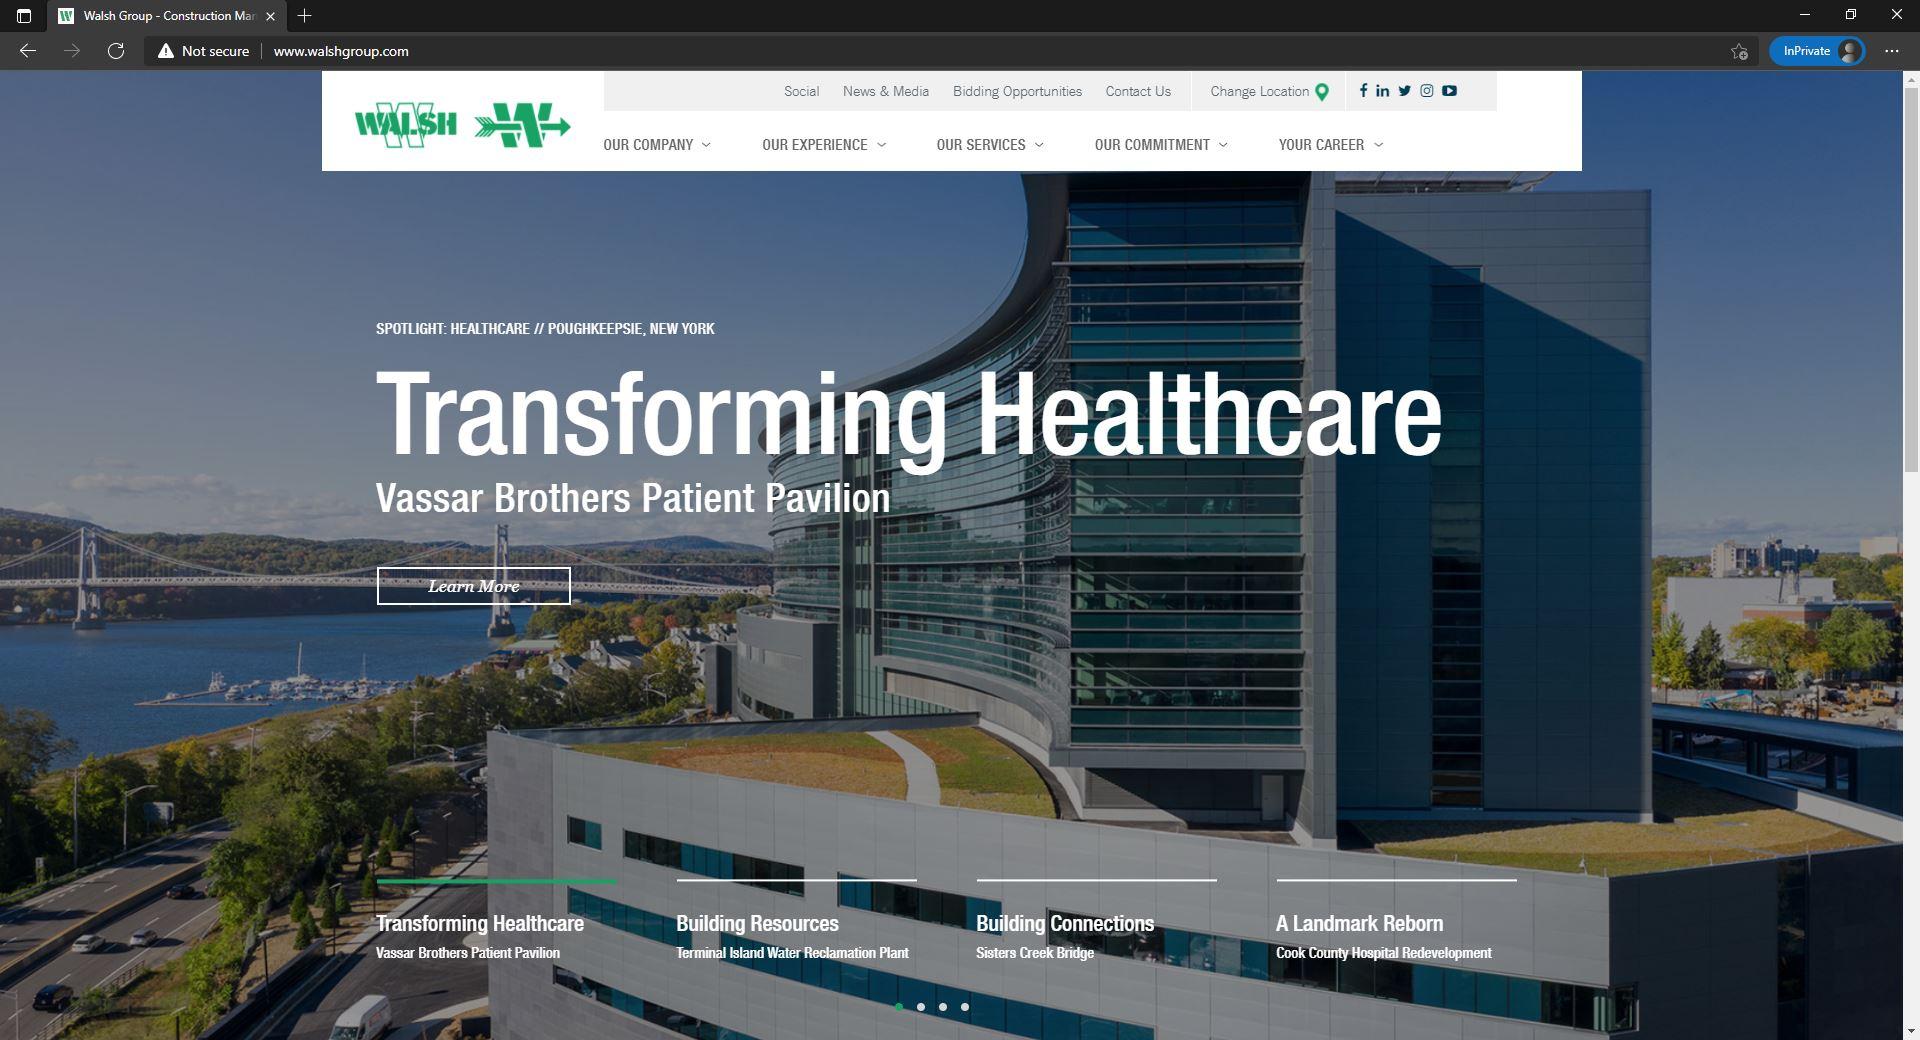 Walsh group website homepage